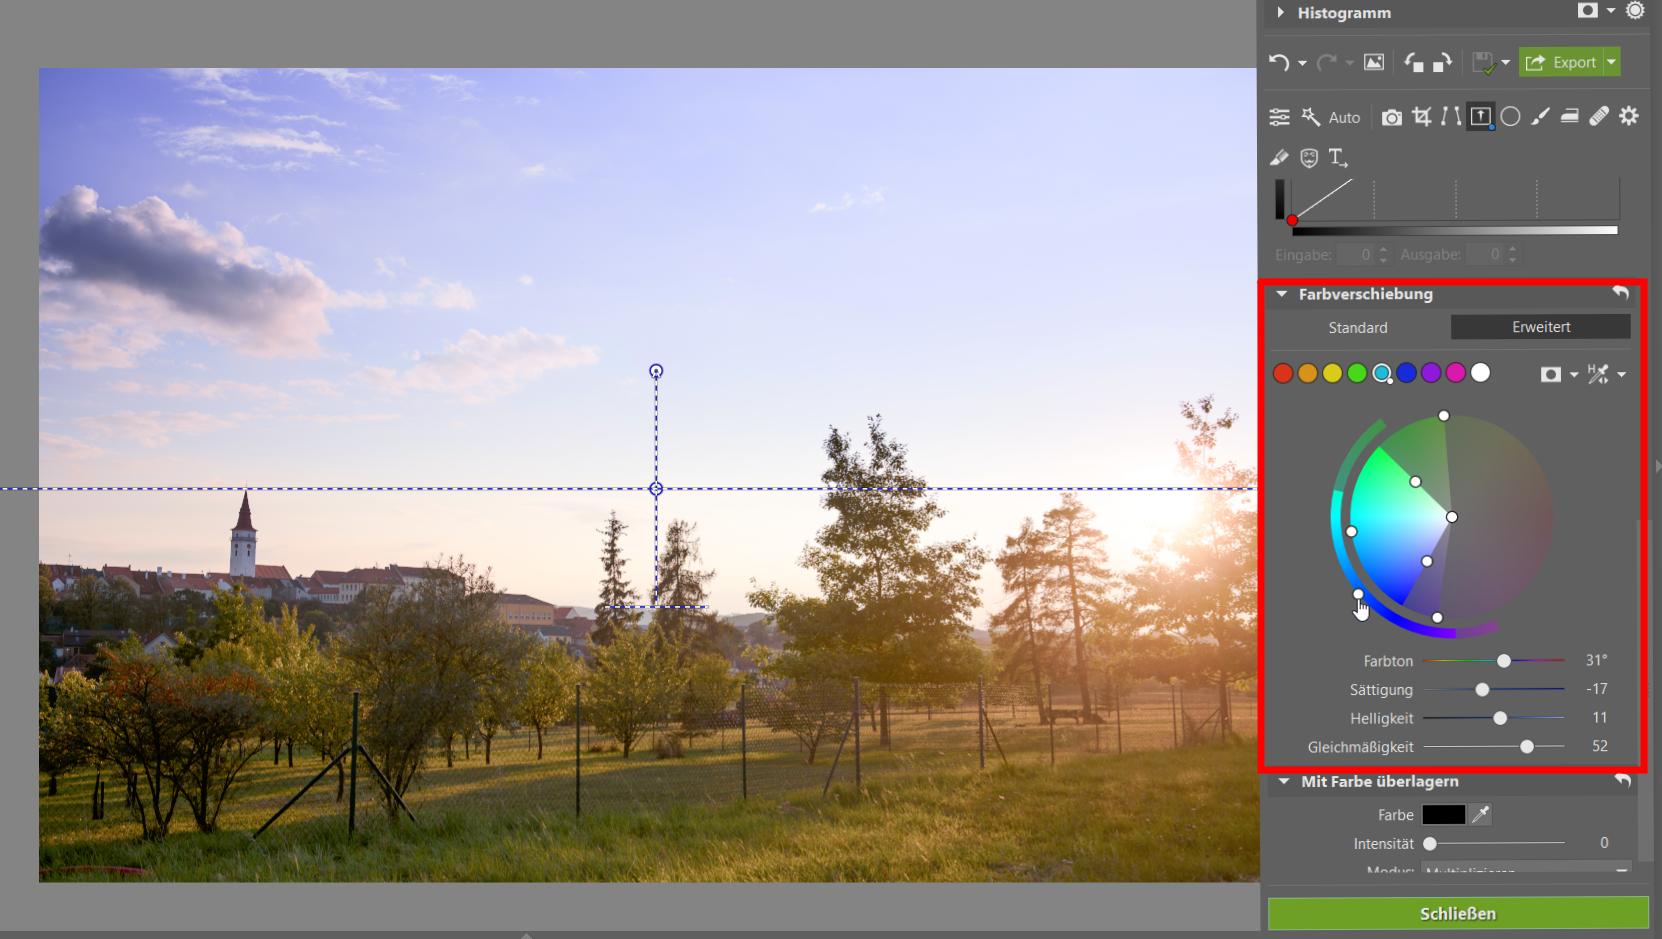 Wie verwendet man den Grauverlaufsfilter bei der Bildbearbeitung